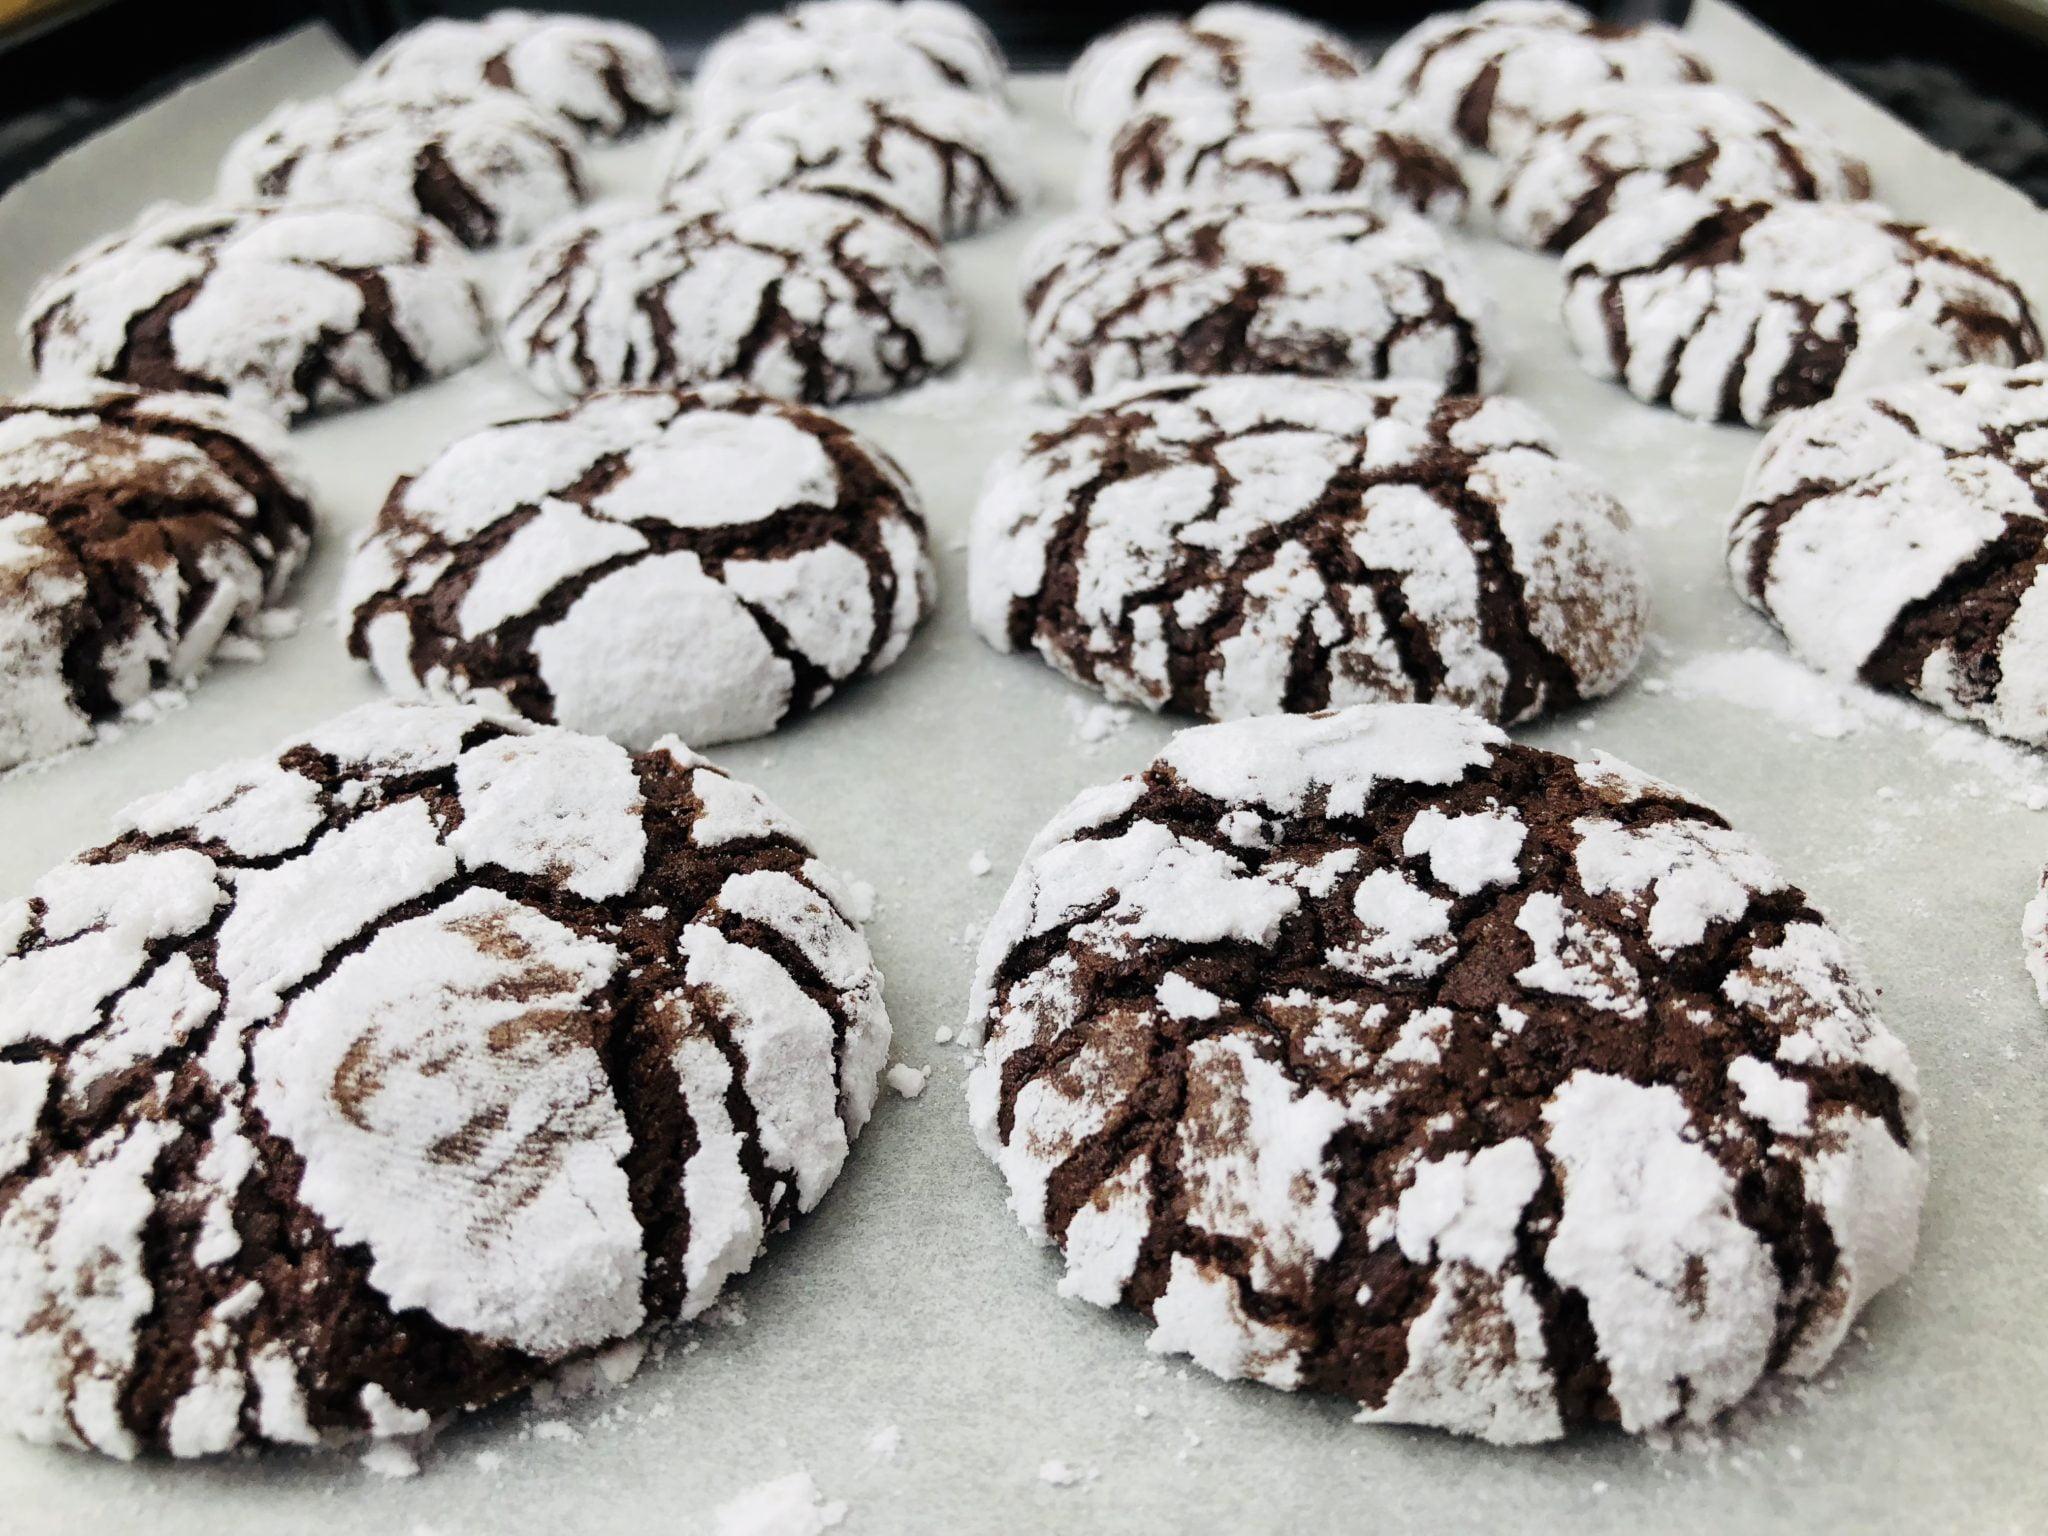 Cei mai buni biscuiți cu cacao, făcuți in casa (chocolate crinkles)